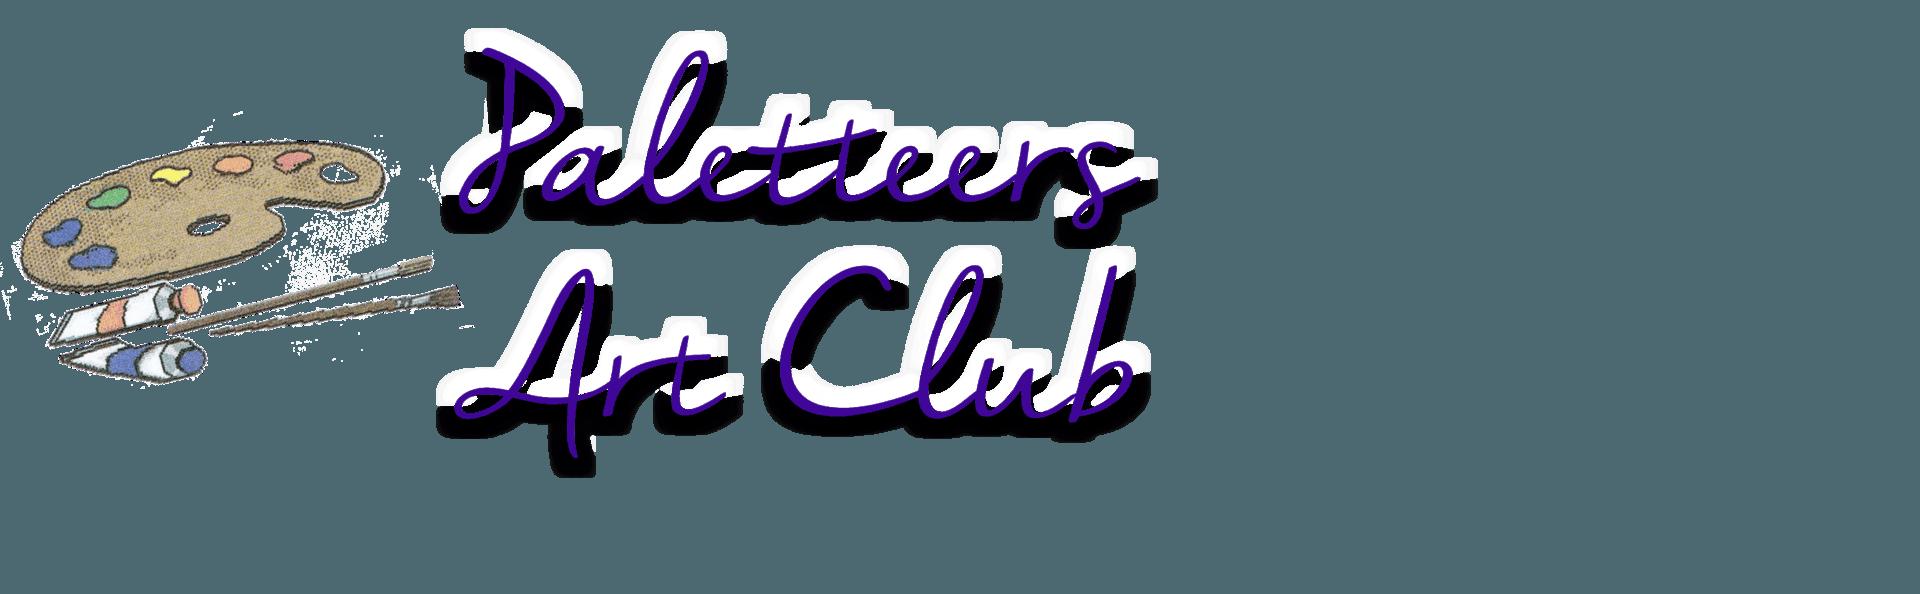 Paletteers Art Club Wheatridge Colorado